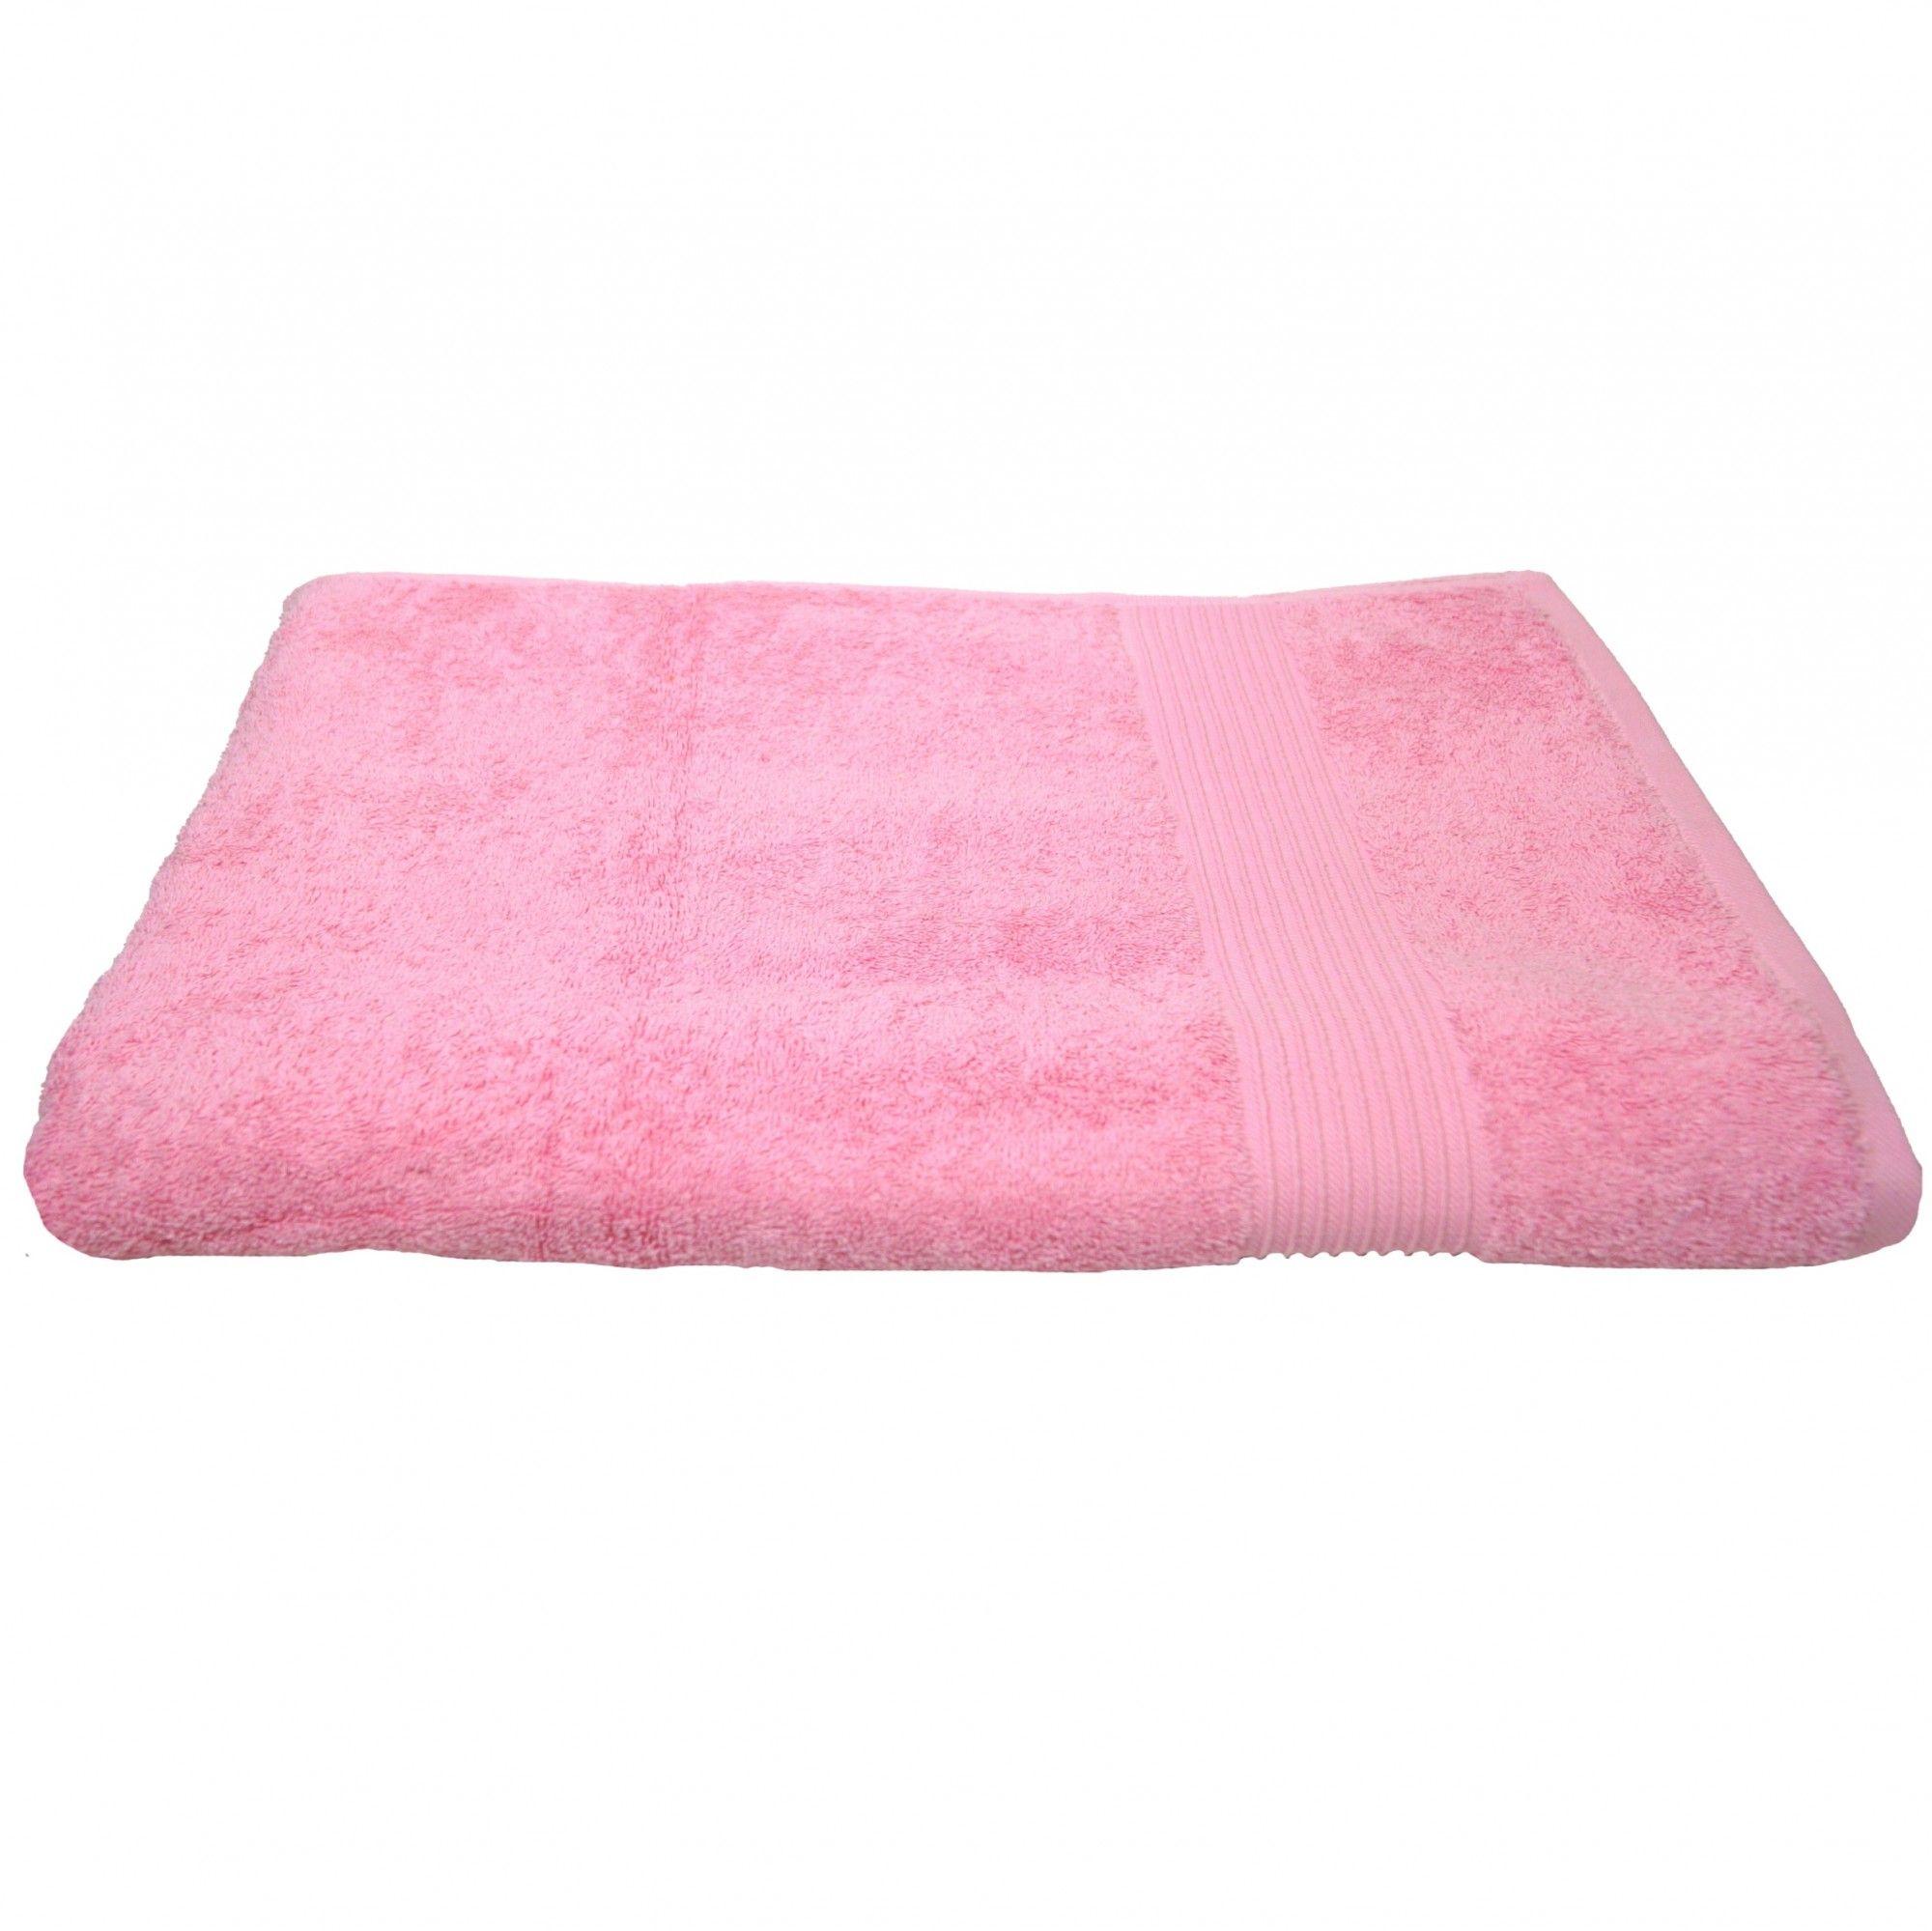 Julie Badetuch Rosa Frottee Baumwolle 500gm2 Handtuch 100 X 150 Cm